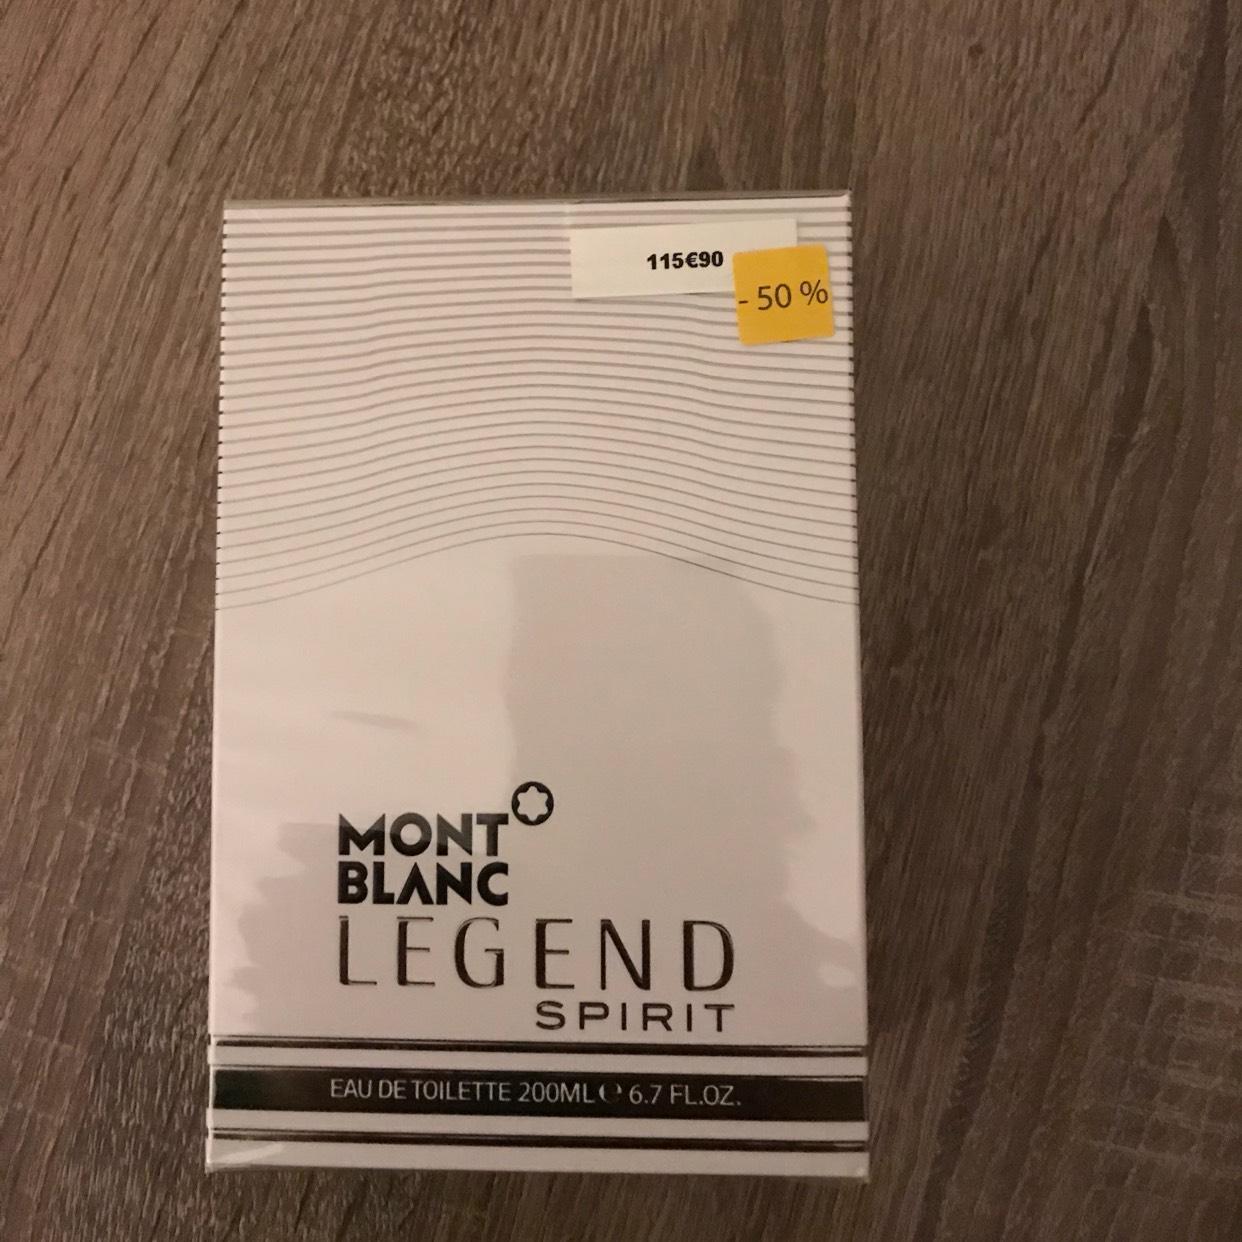 Eau de toilette Mont blanc Legend Spirit - 200Ml - Annecy (74)